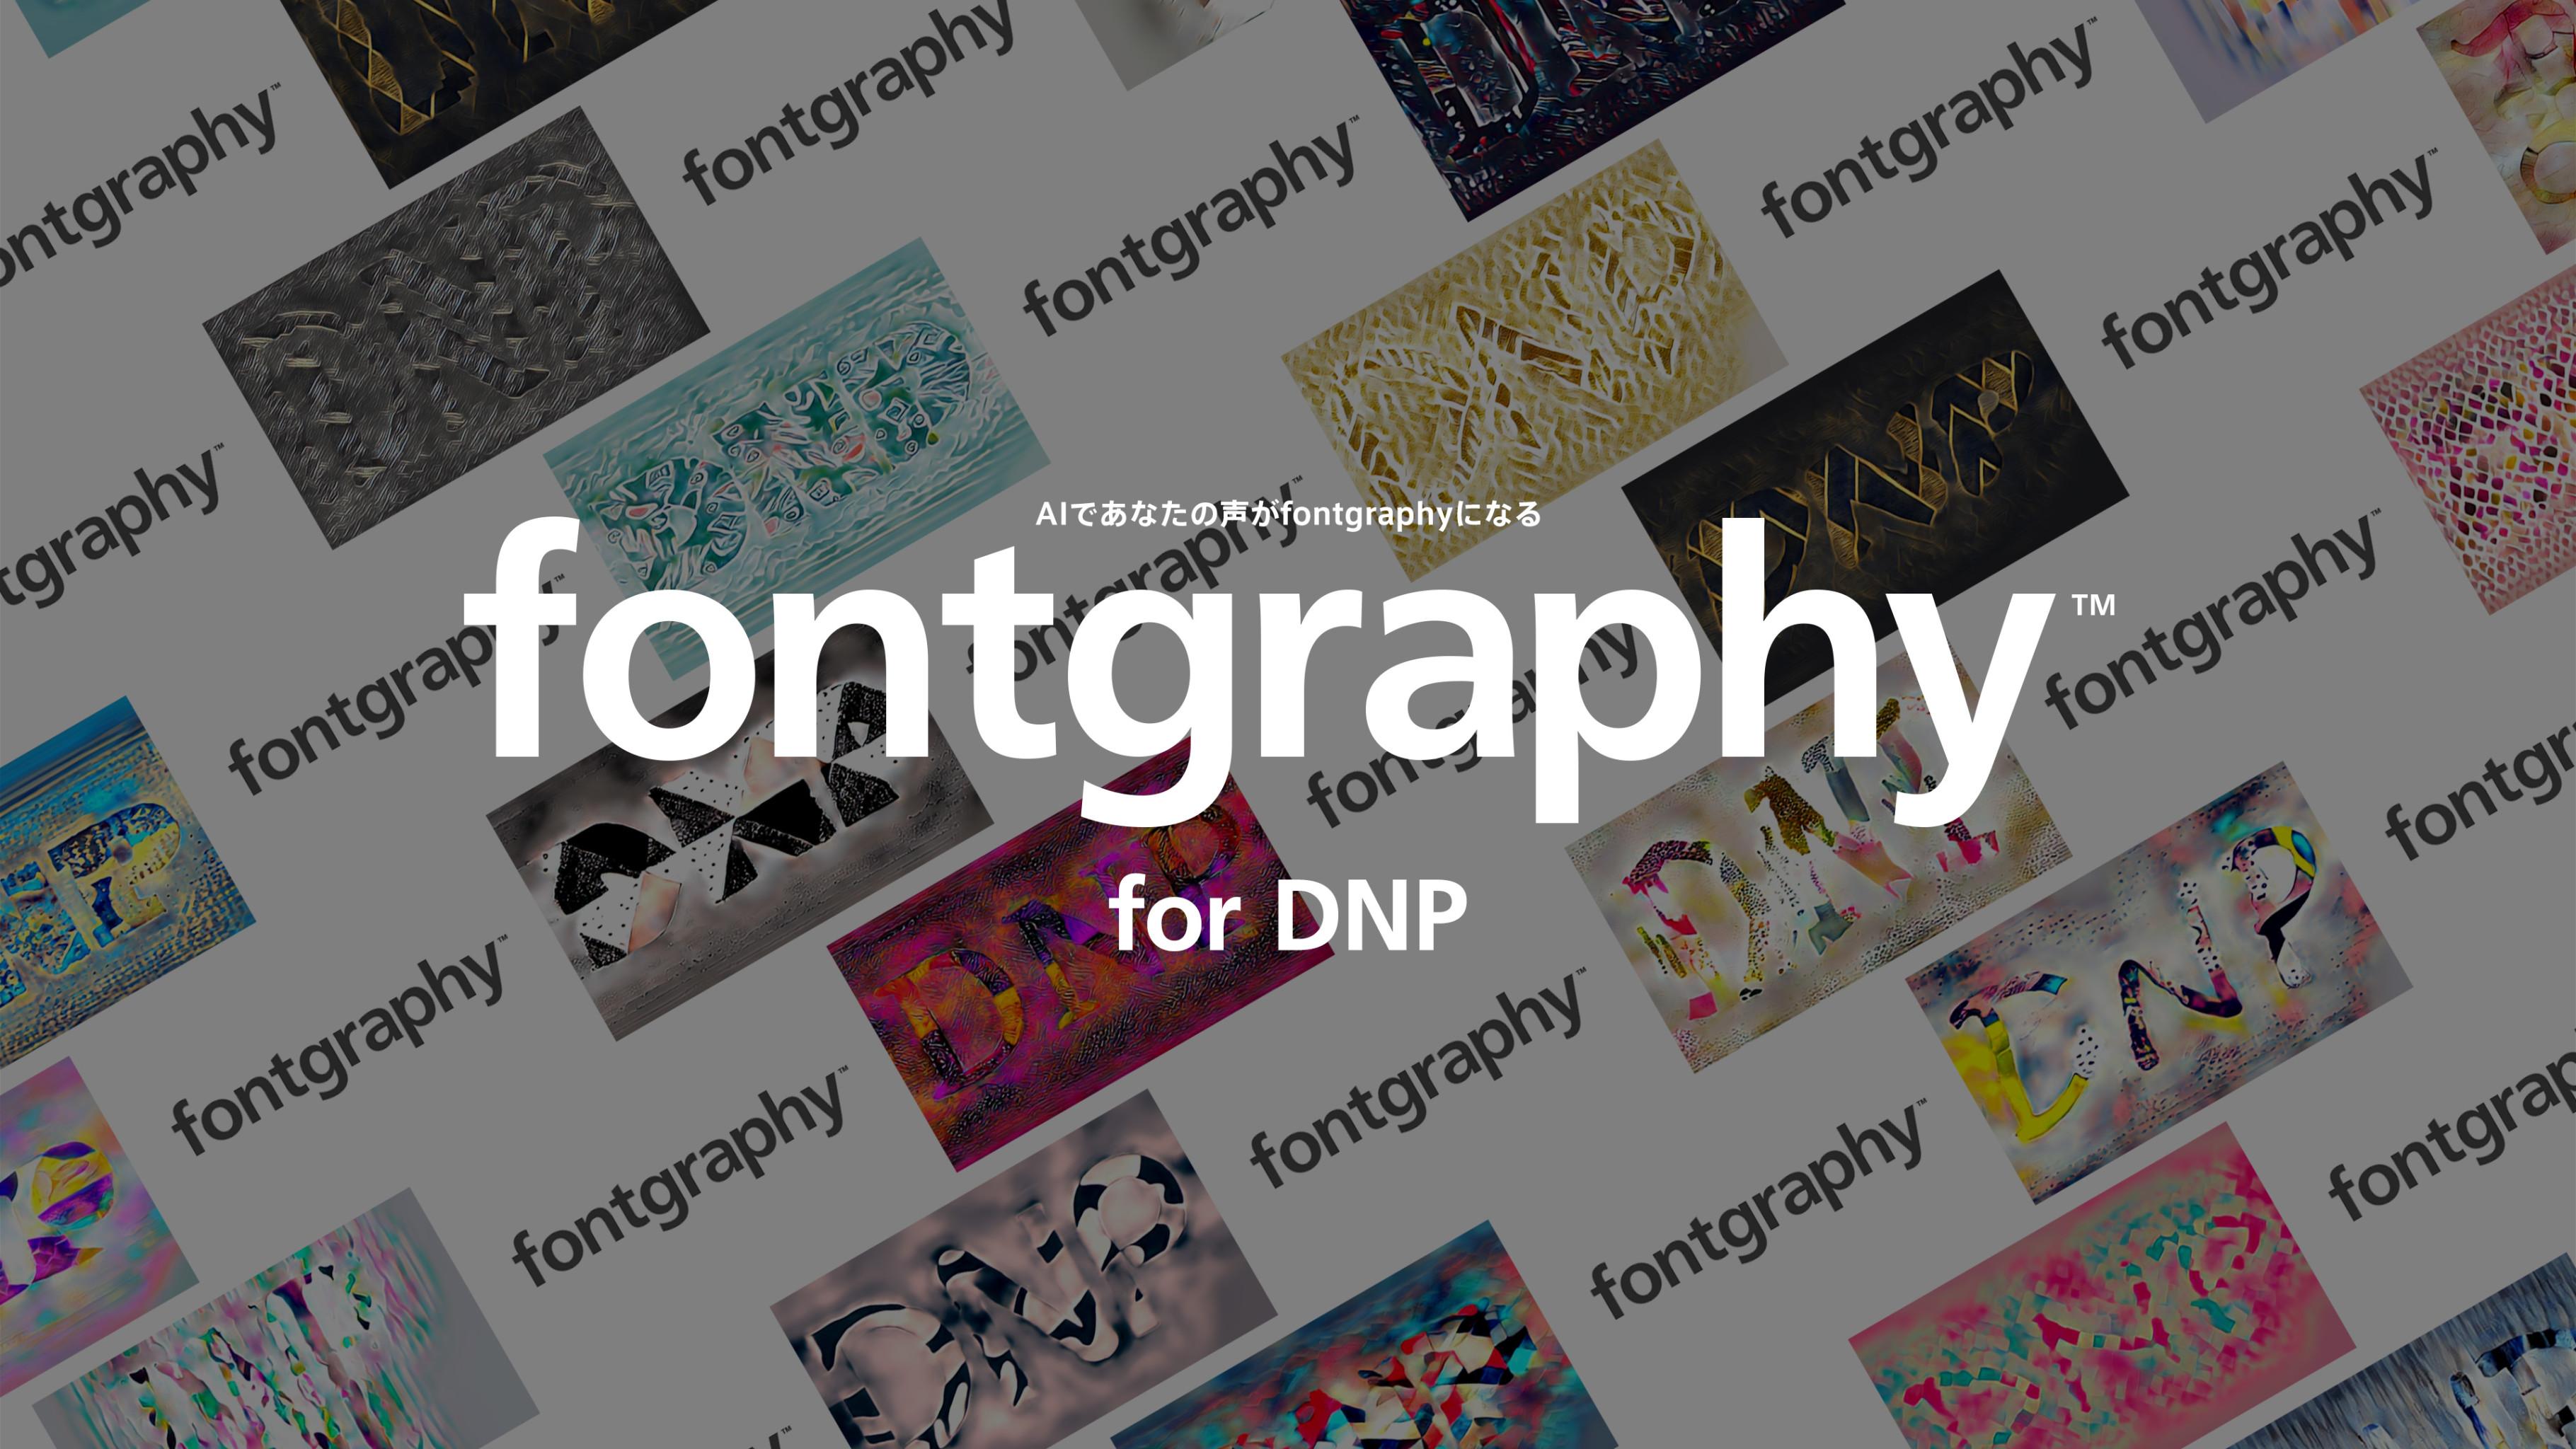 ダイバーシティに対する社員の意識醸成のために「fontgraphy」を提供